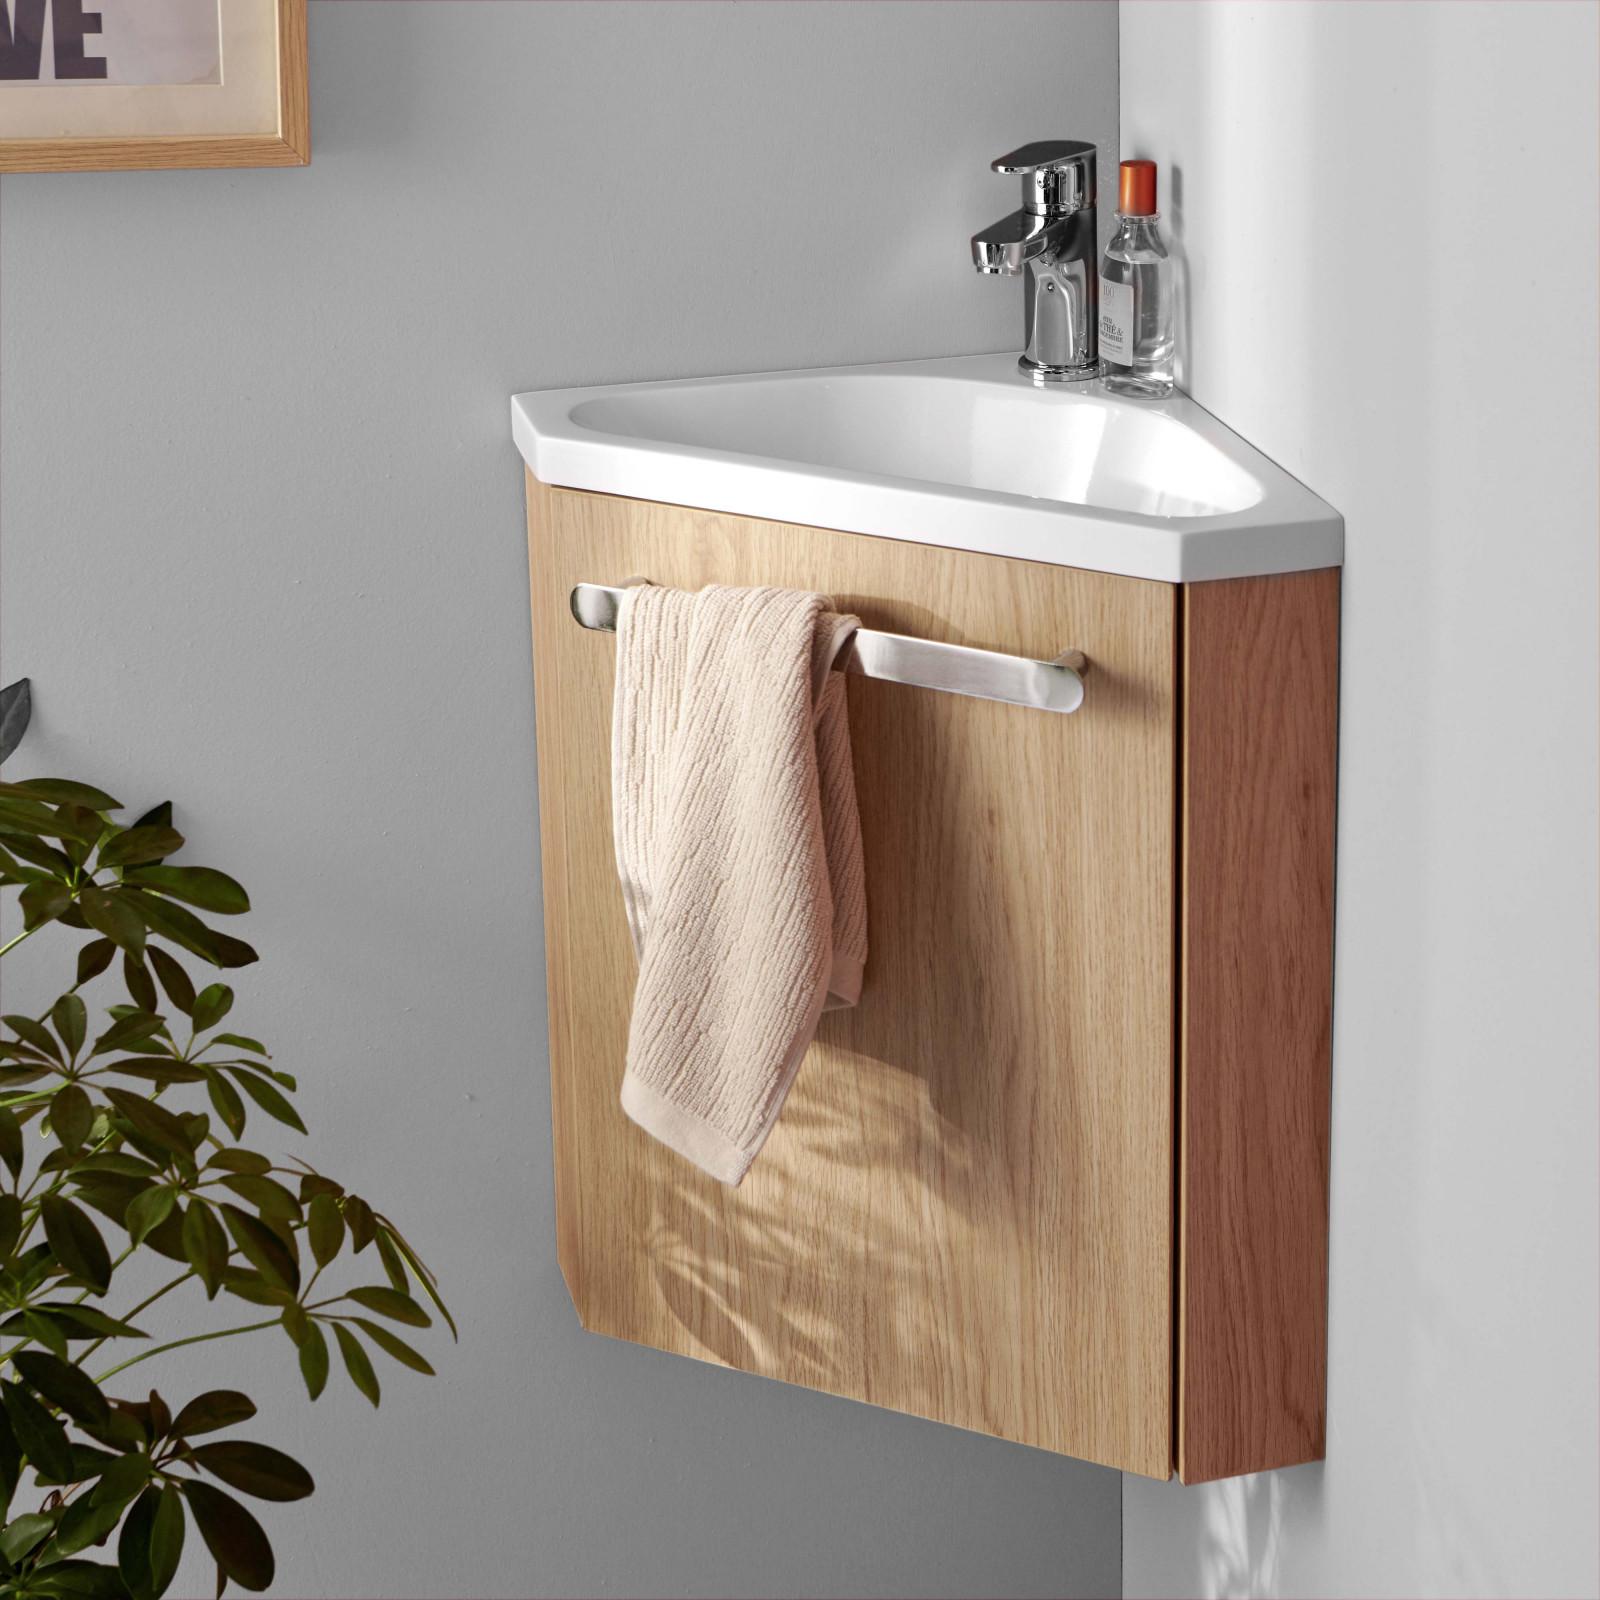 Meuble lave-mains d'angle effet bois clair